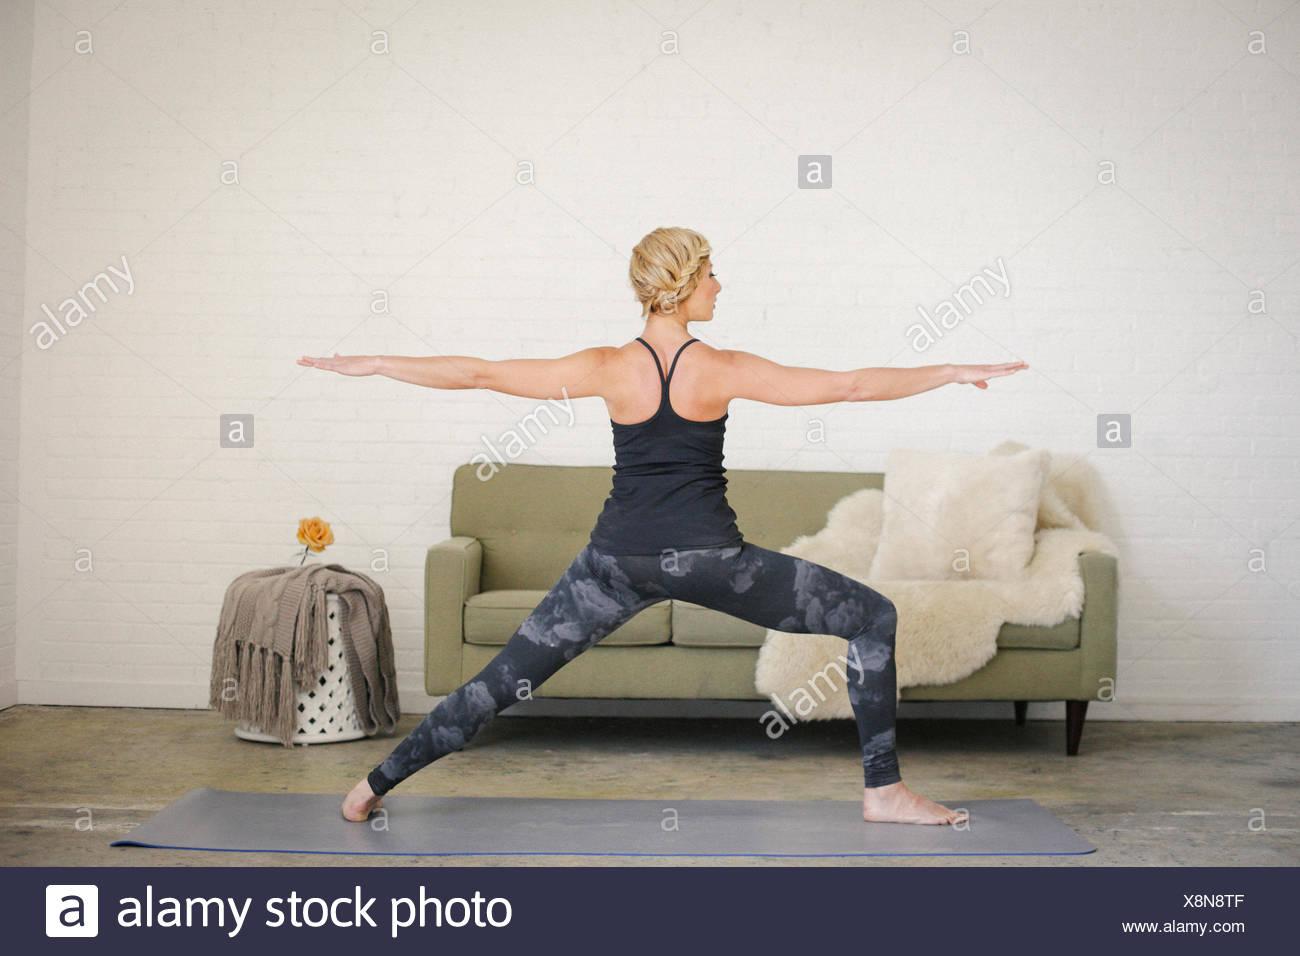 Una mujer rubia en un leotard negro y calcetas de pie sobre una estera del yoga en una habitación, piernas y brazos estirados. Imagen De Stock